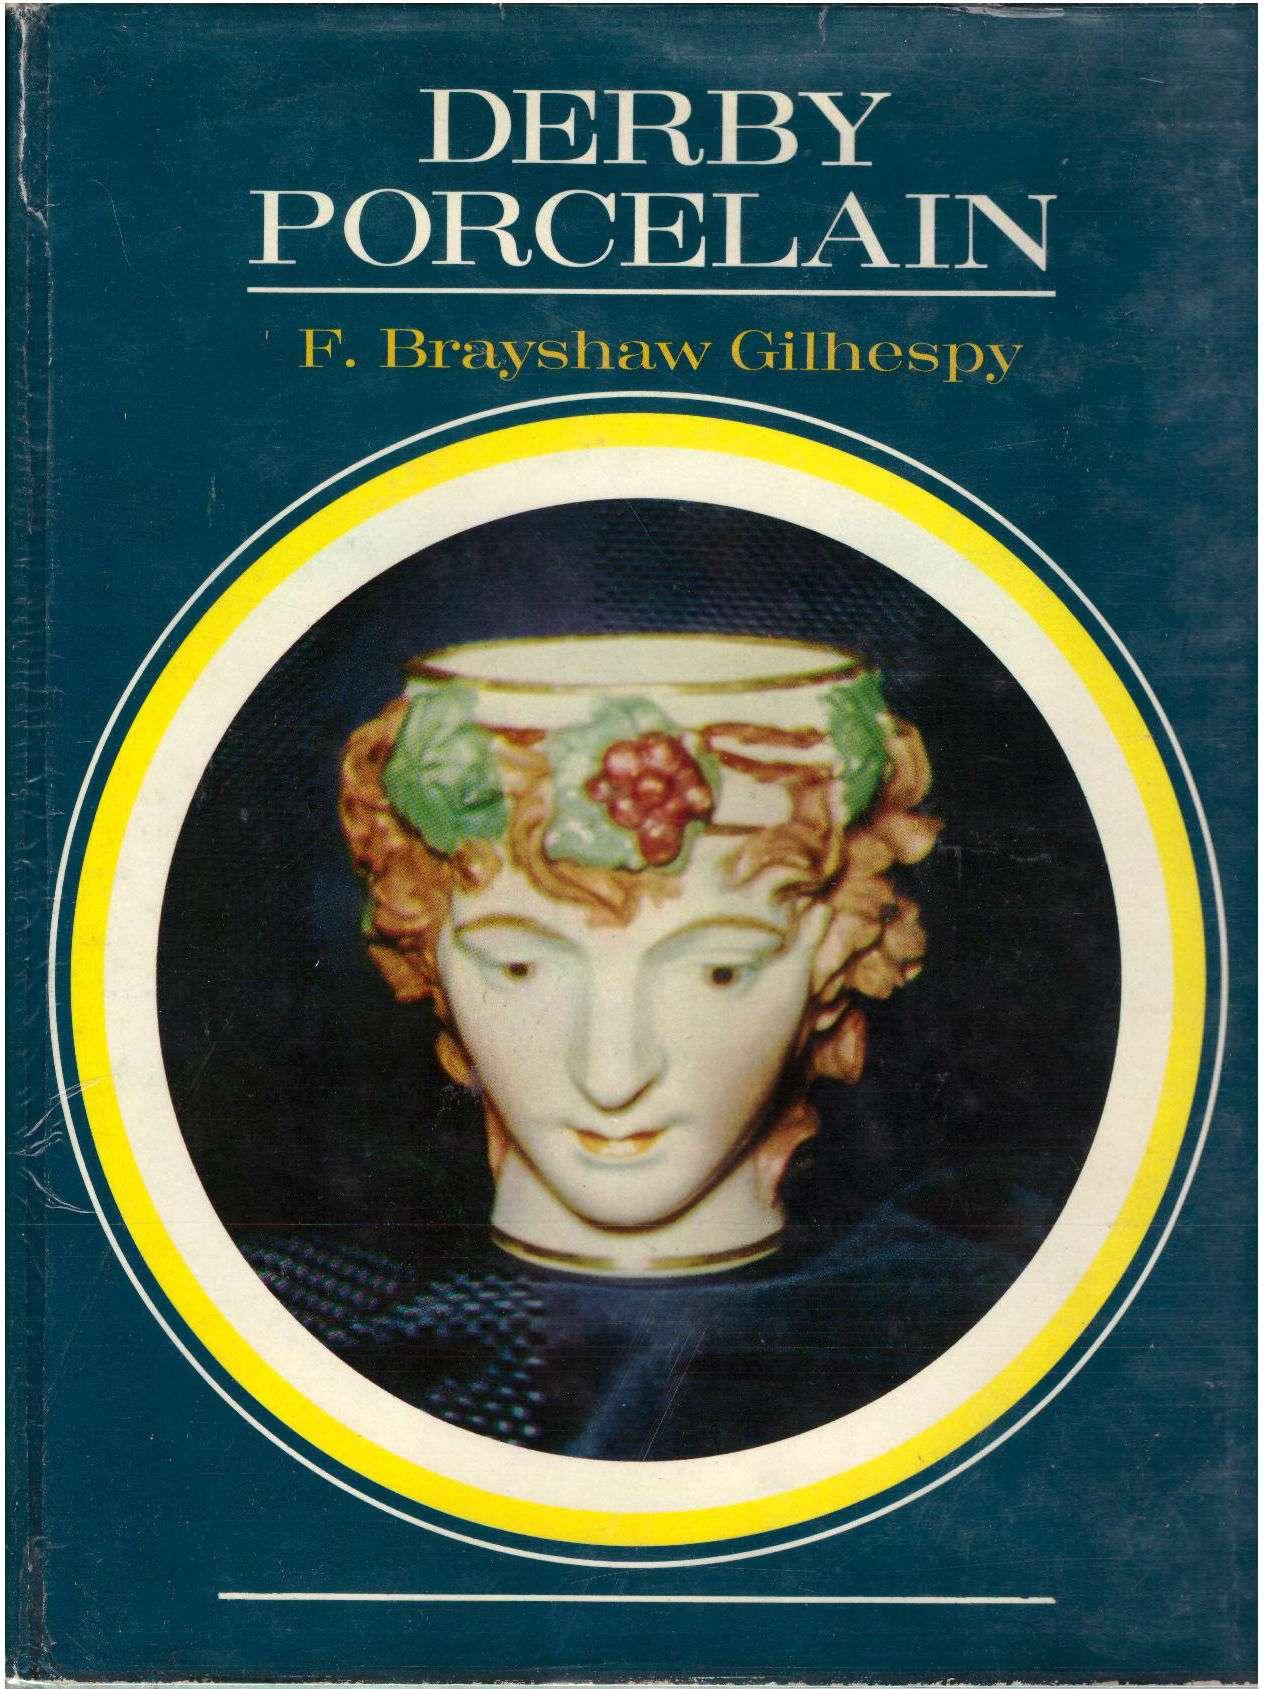 Derby Porcelain, GILHESPY, F BRAYSHAW